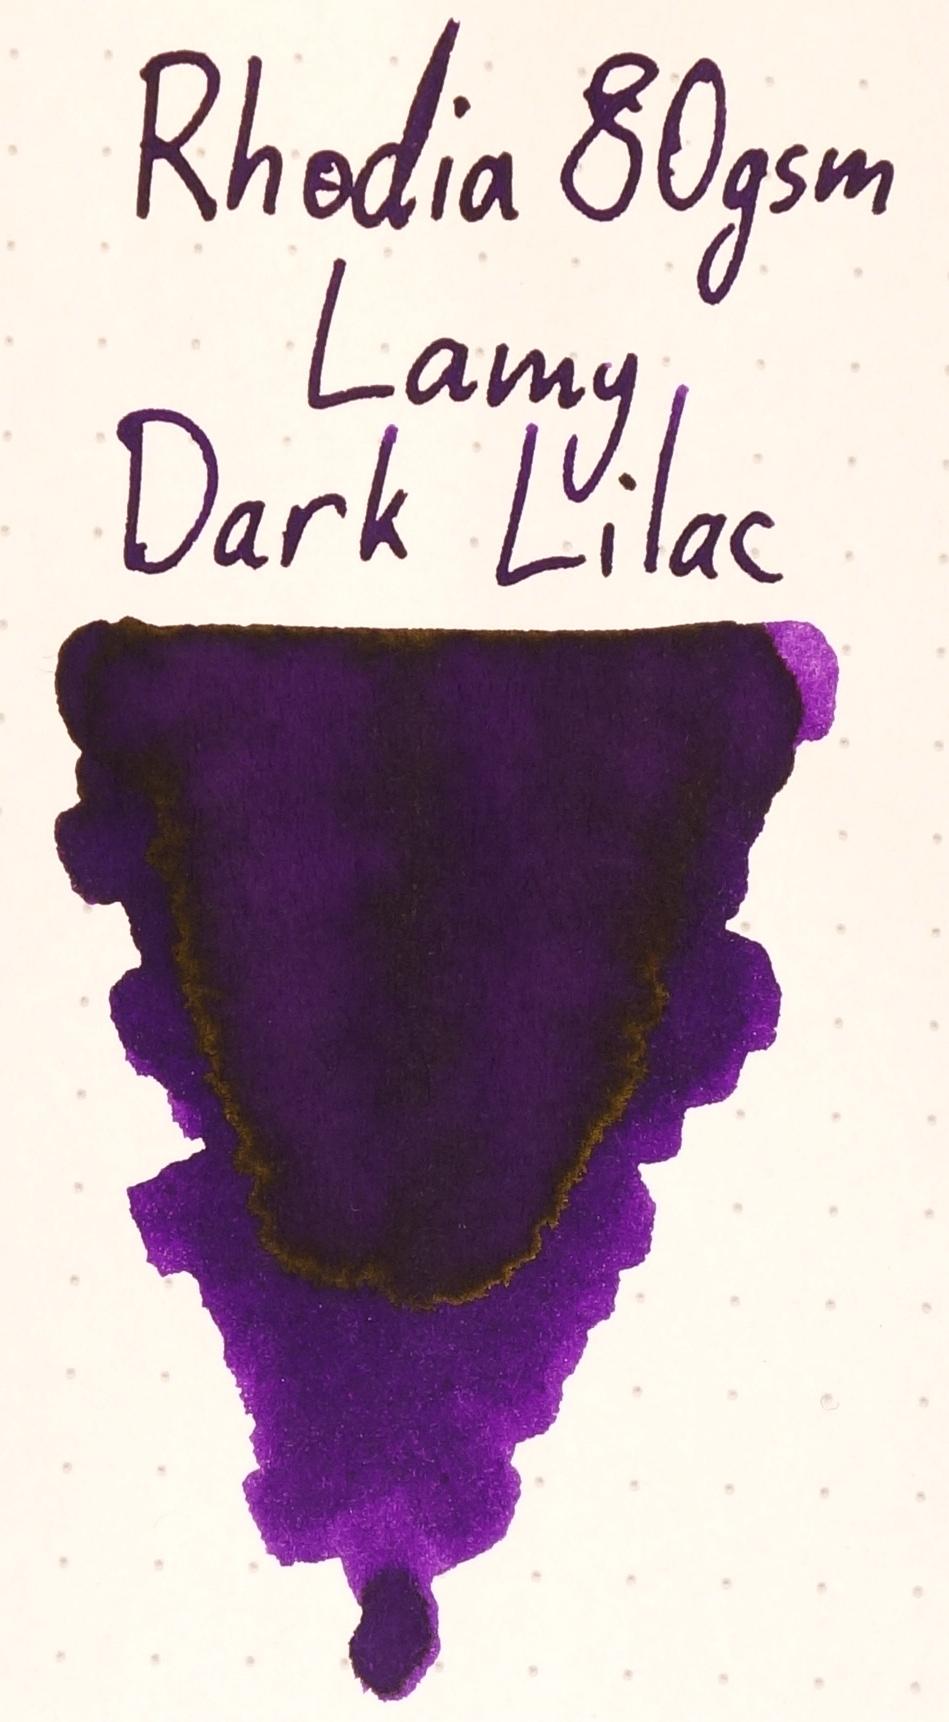 Lamy Dark Lilac Rhodia.JPG